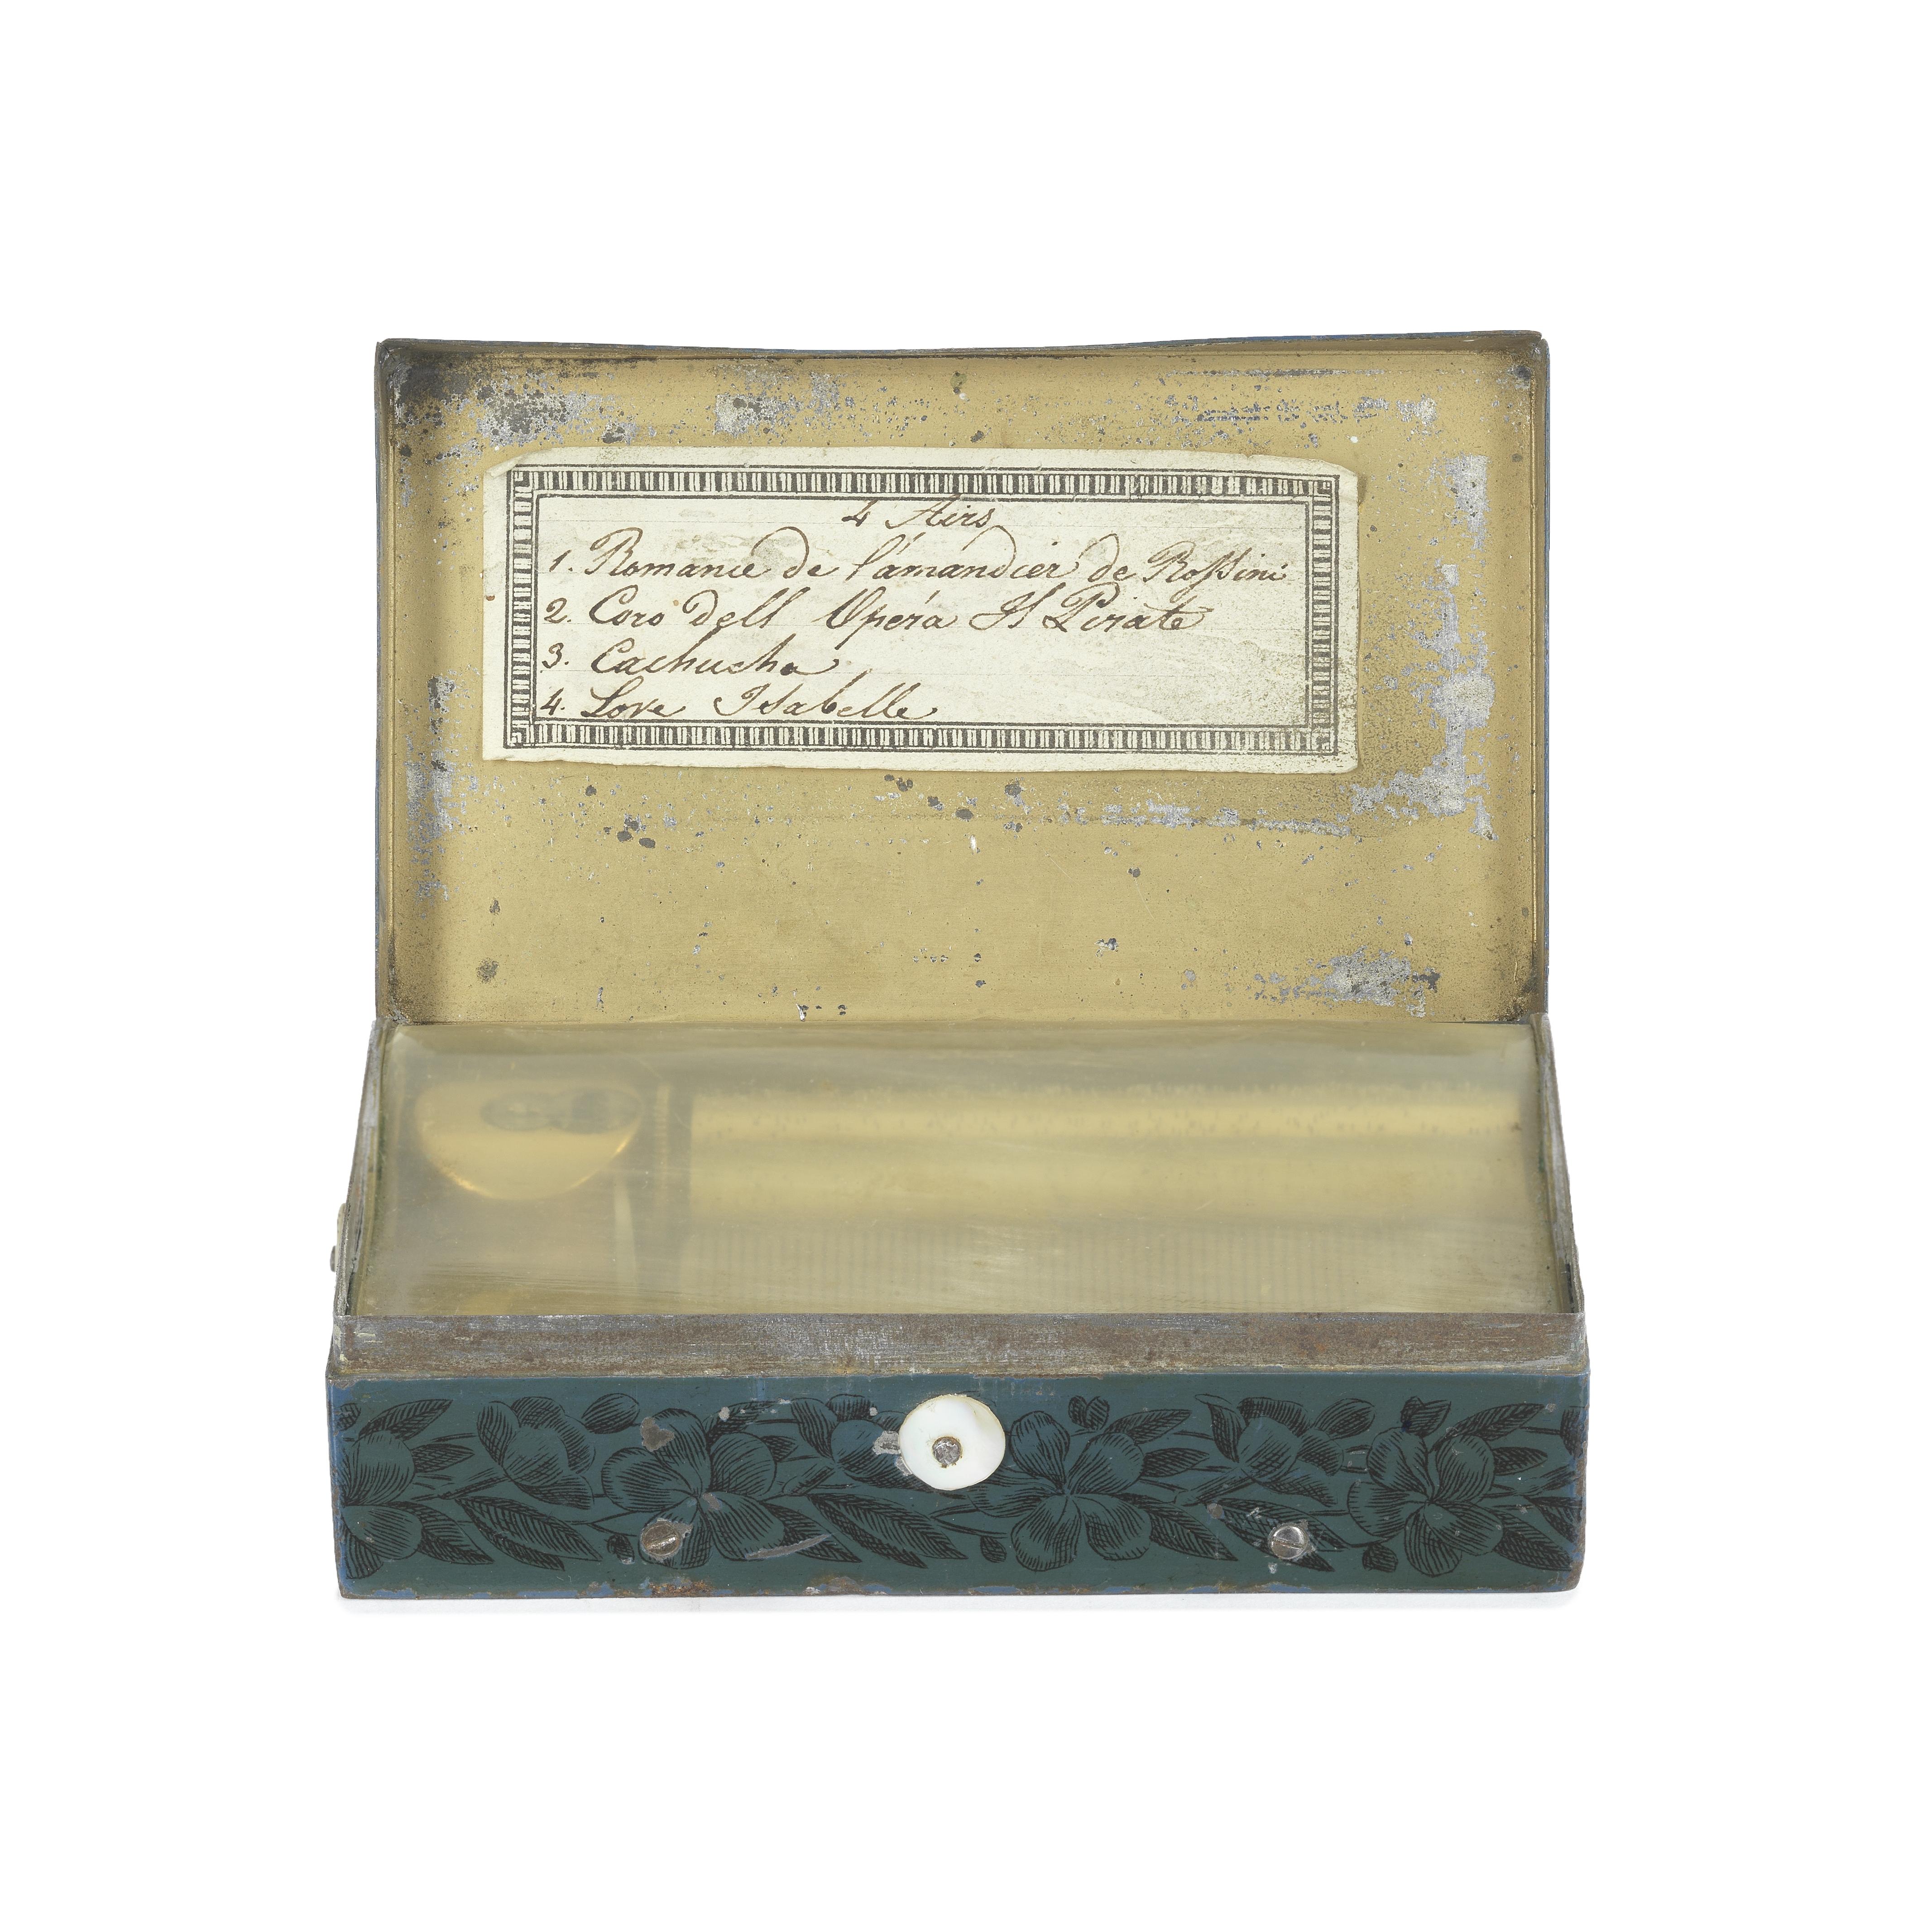 A tin-plate musical box, Swiss, circa 1835,